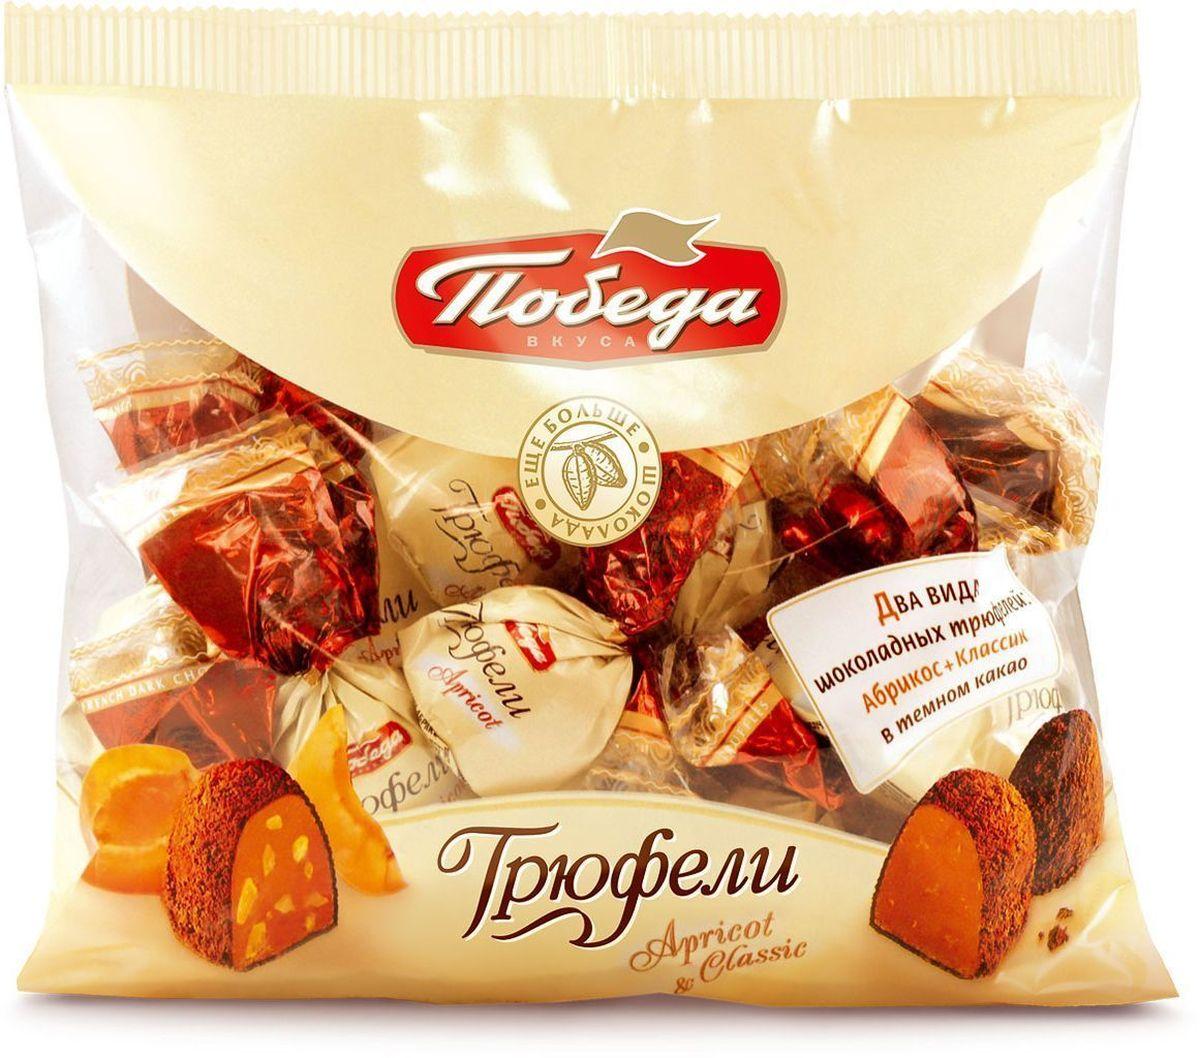 Победа вкуса Трюфели Абрикос + Классик два вида шоколадных трюфелей в темном какао, 250 г победа вкуса шмелькино брюшко микс жевательный мармелад 250 г